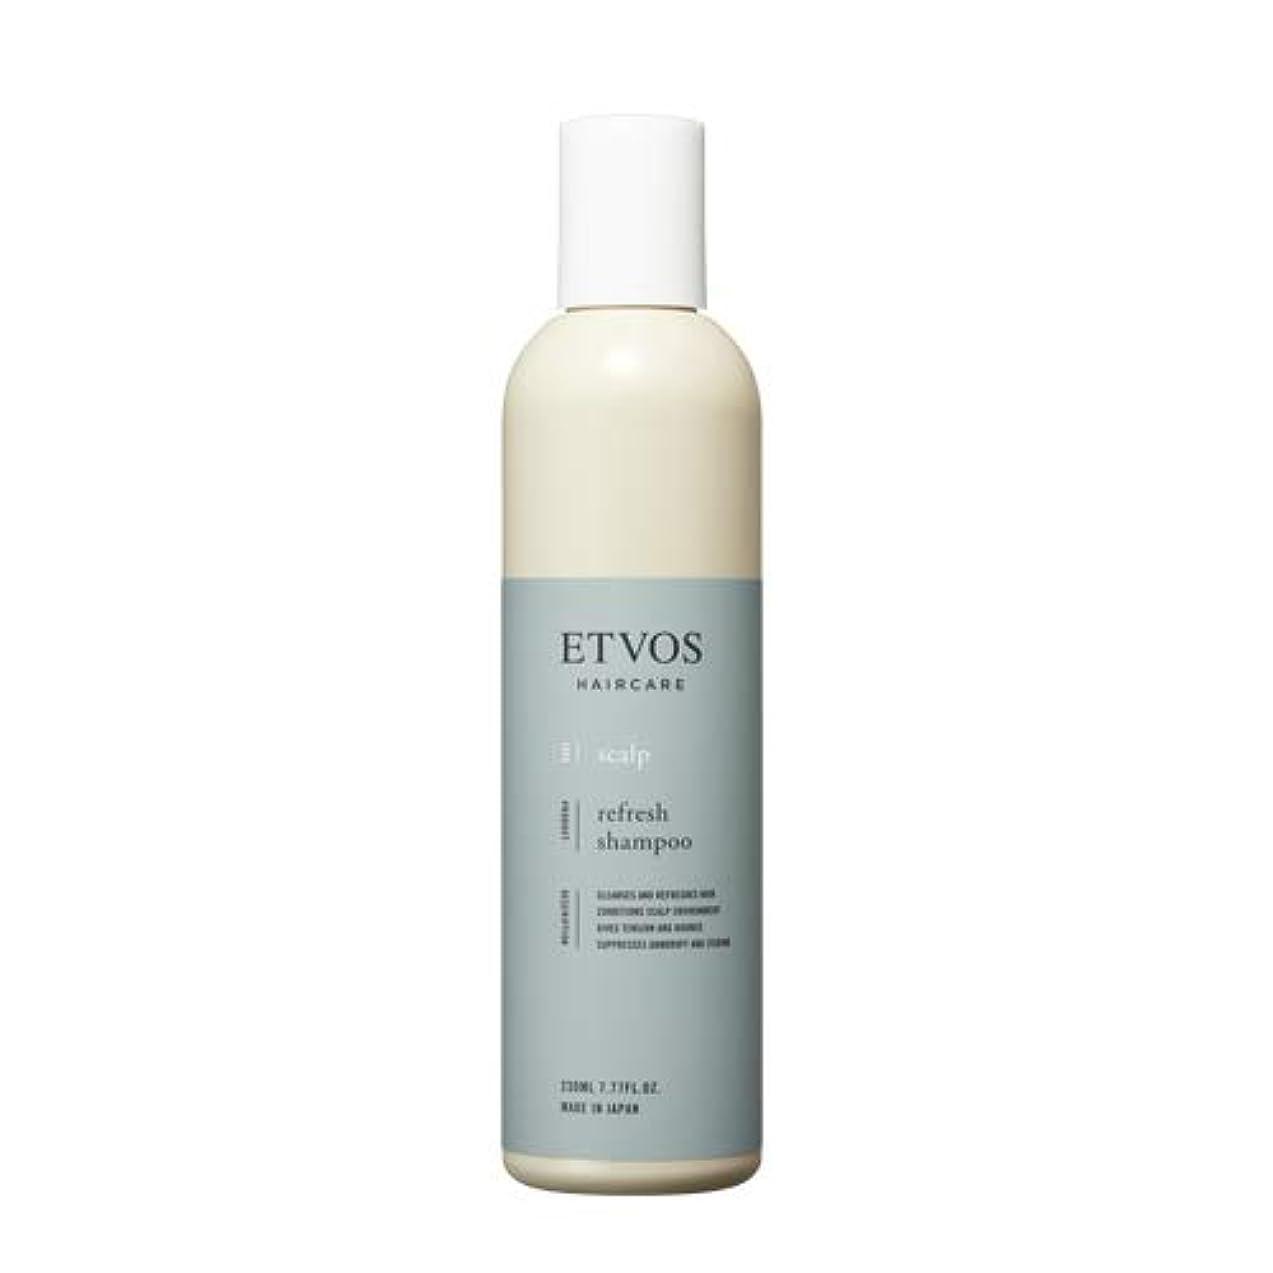 口述普通の家禽ETVOS(エトヴォス) リフレッシュシャンプー 230ml さっぱり ノンシリコン アミノ酸系 頭皮の臭い/ベタつき